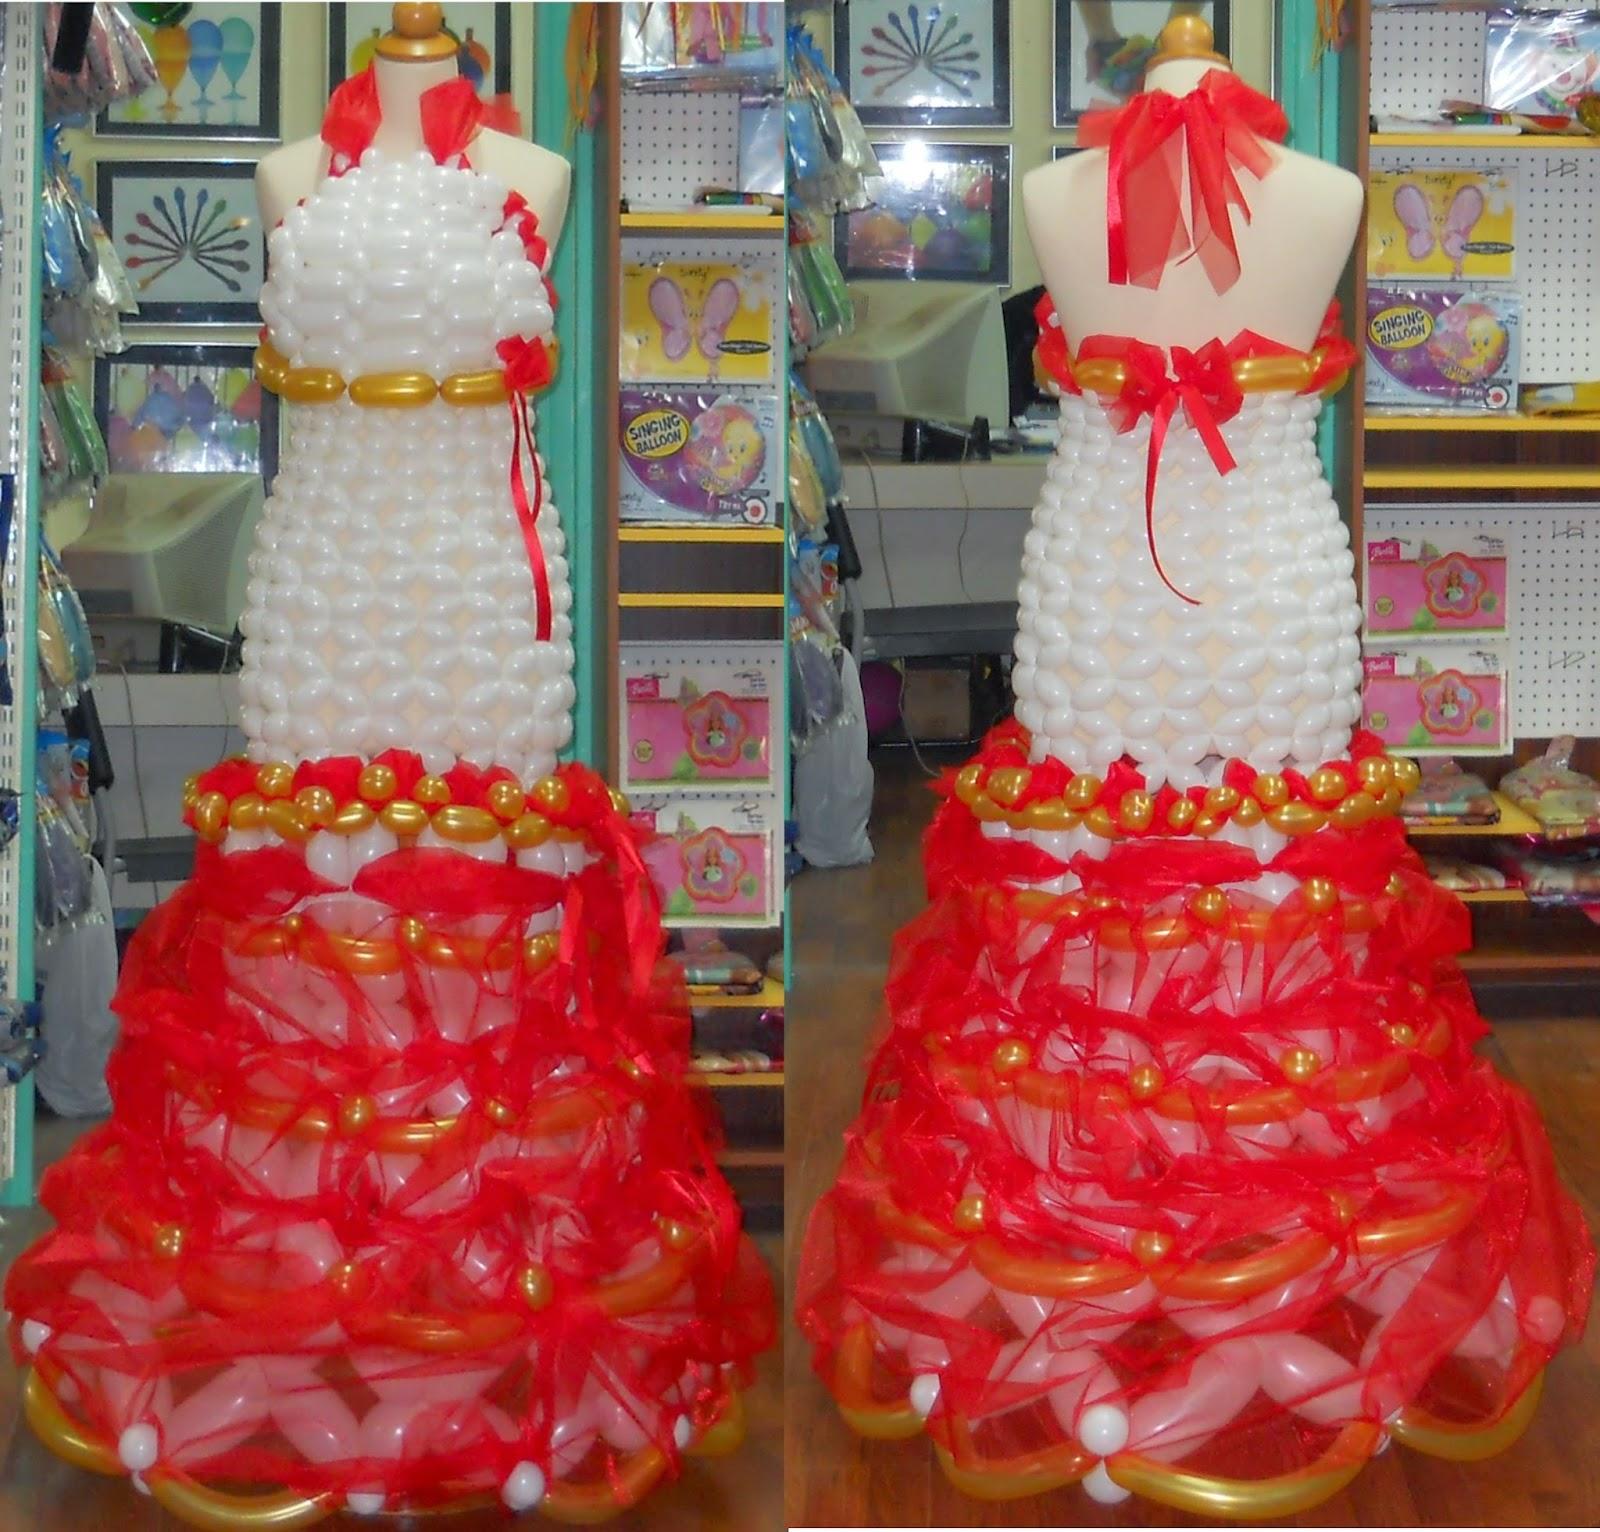 φορεμα νυφικο απο μπαλονια, μπαλονια κατασκευων,modeling balloons